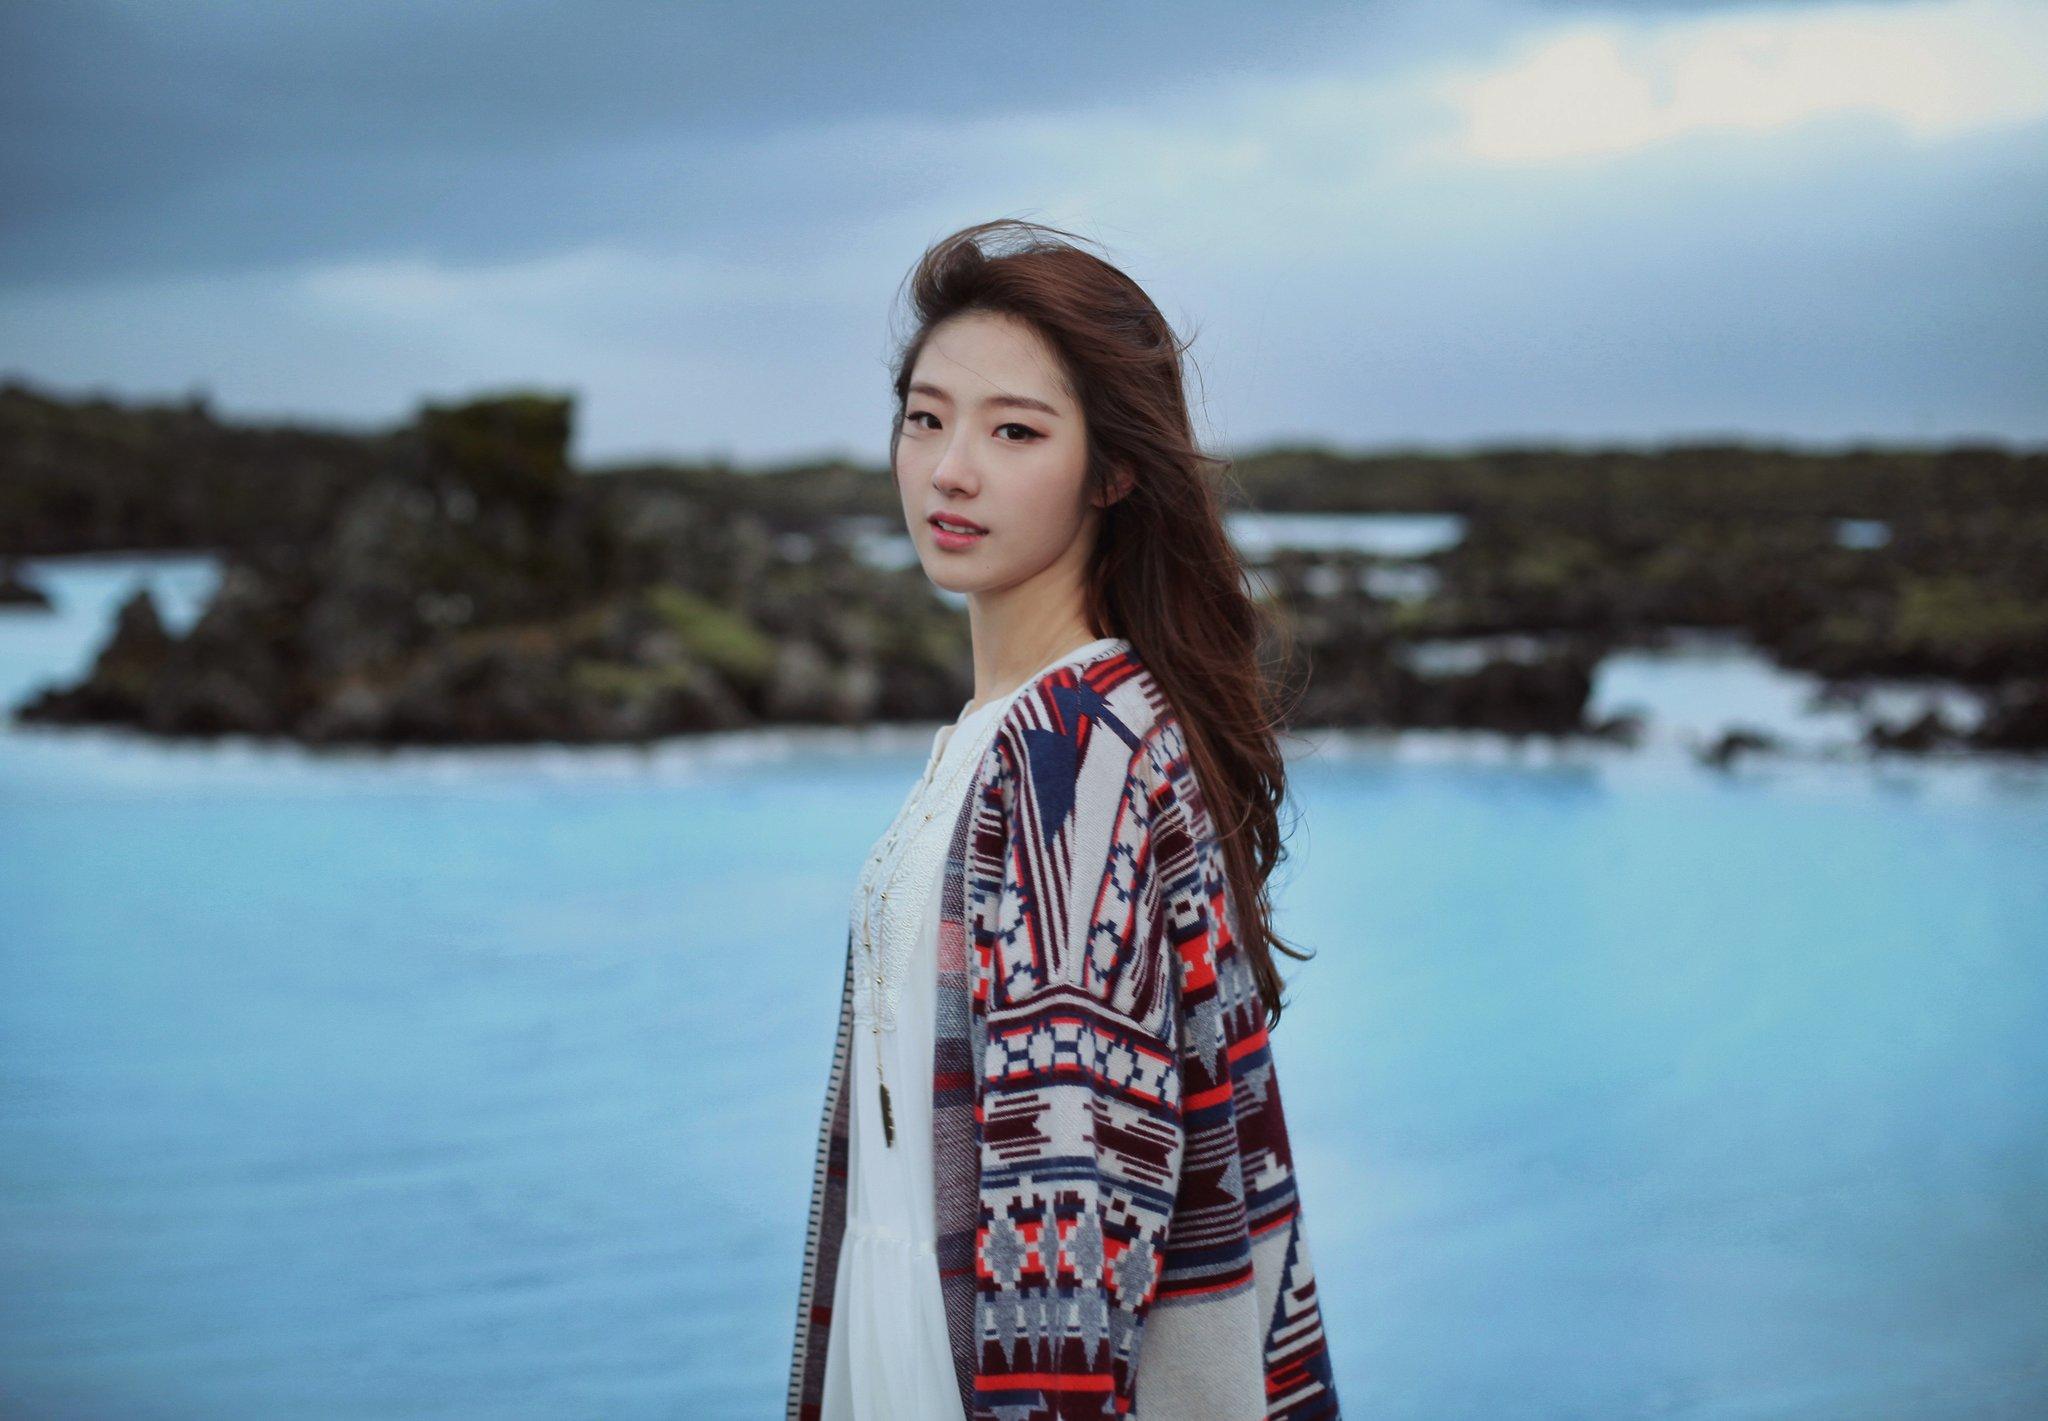 ласкает свою девушка кореянка фото юные девочки модели